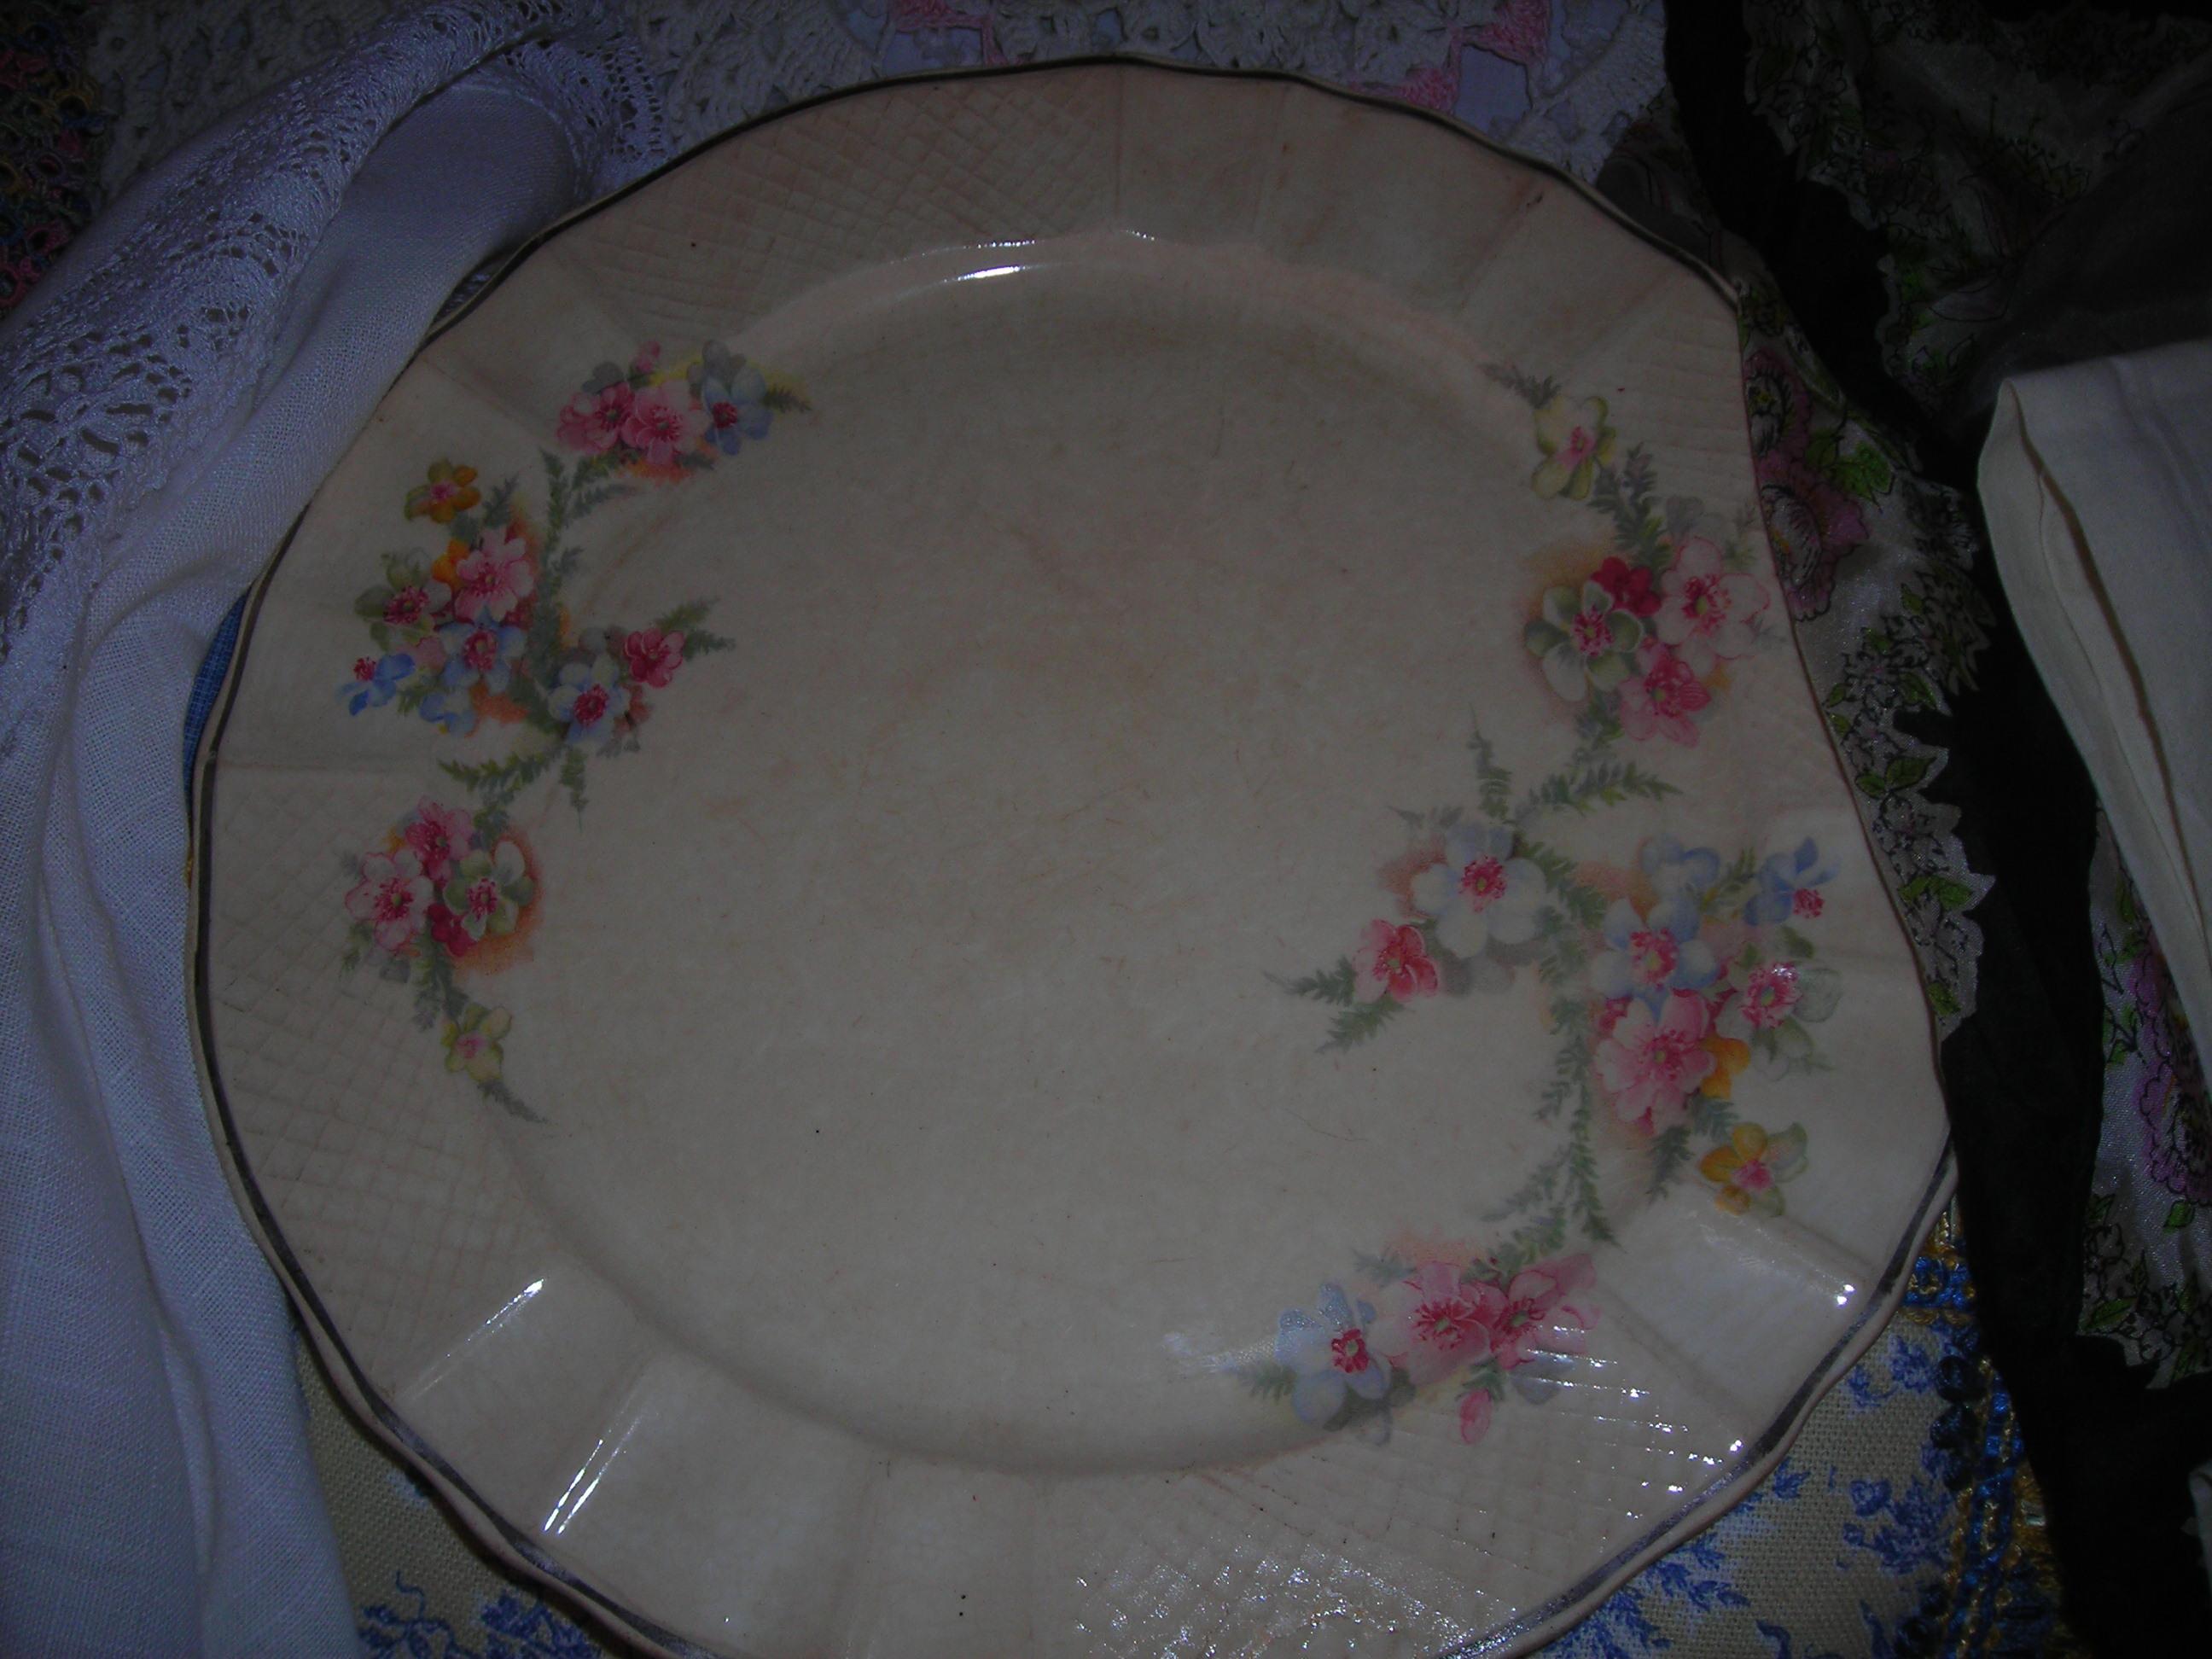 sweet SWEET vintage plate